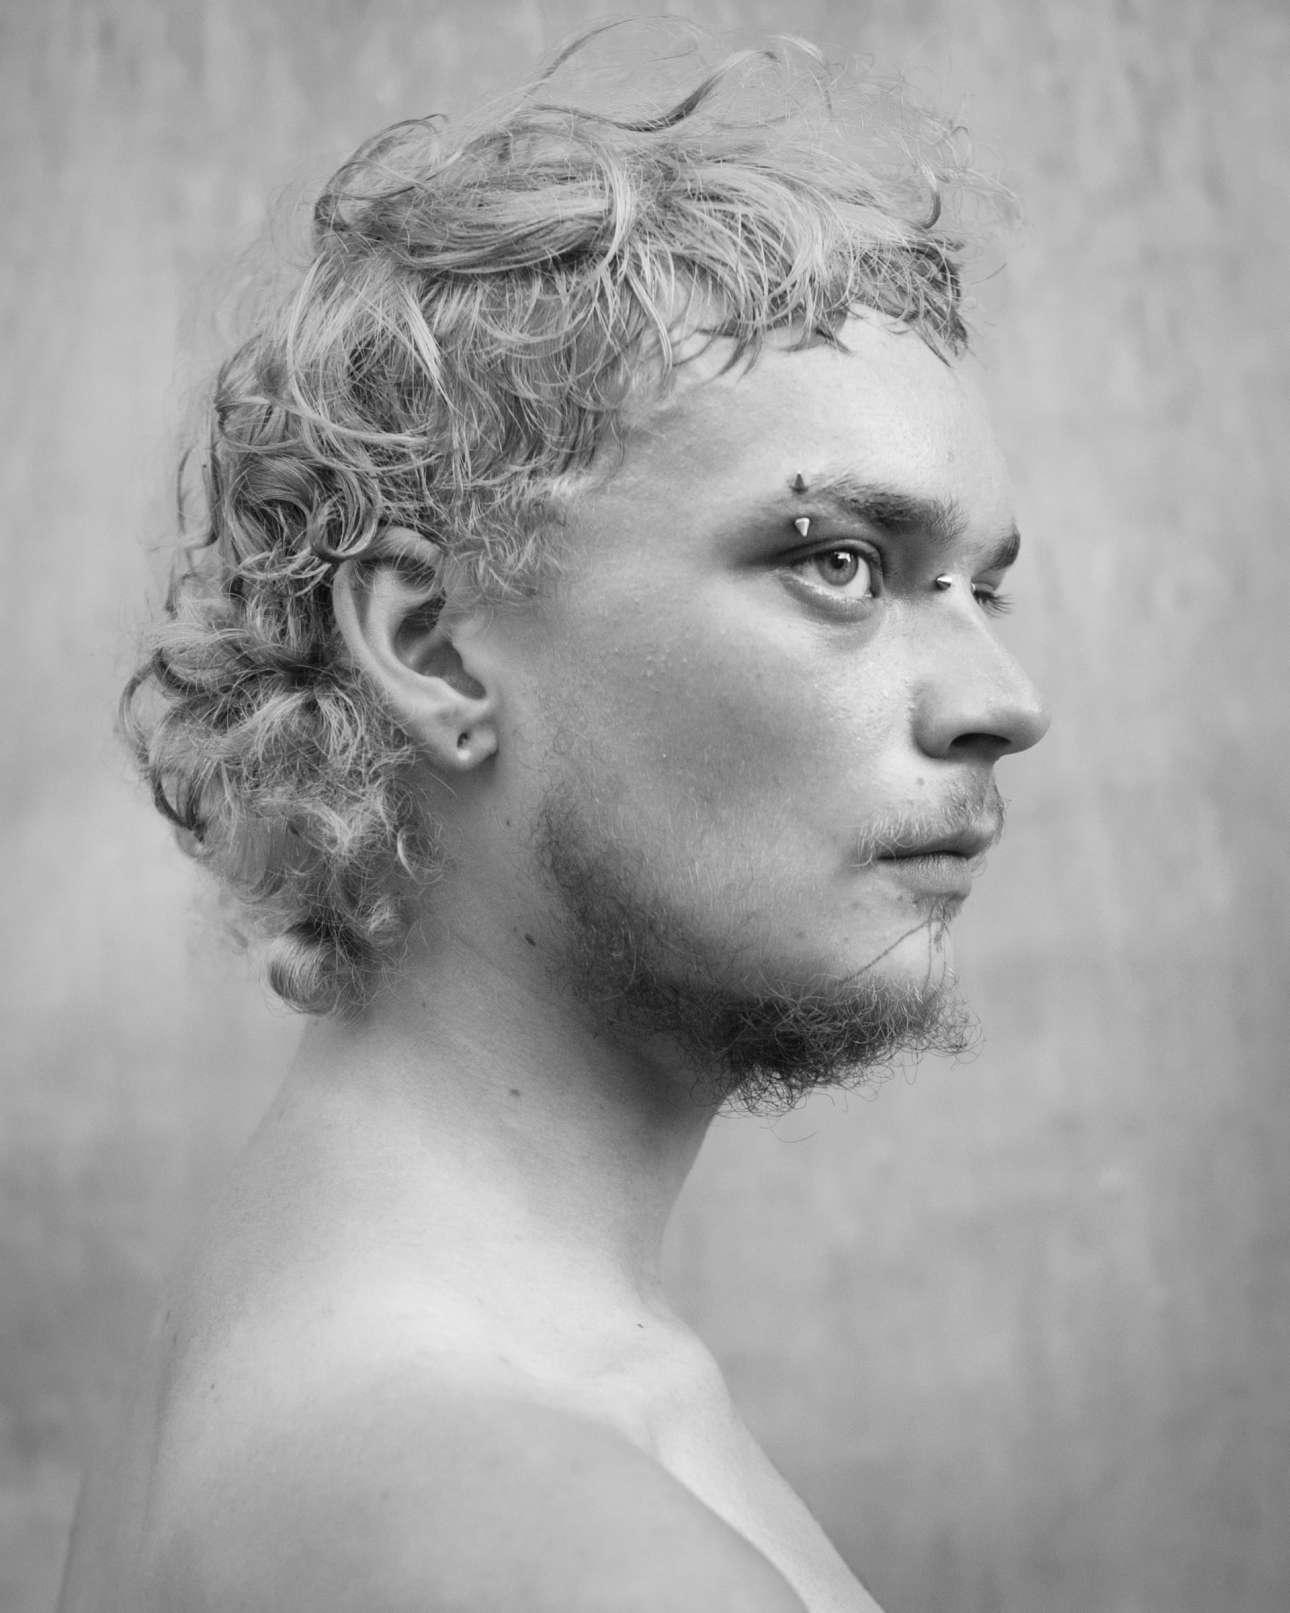 Ασπρόμαυρο πορτρέτο του 19χρονου Ράνγκο Εστρέλα, στη Νέα Ορλεάνη